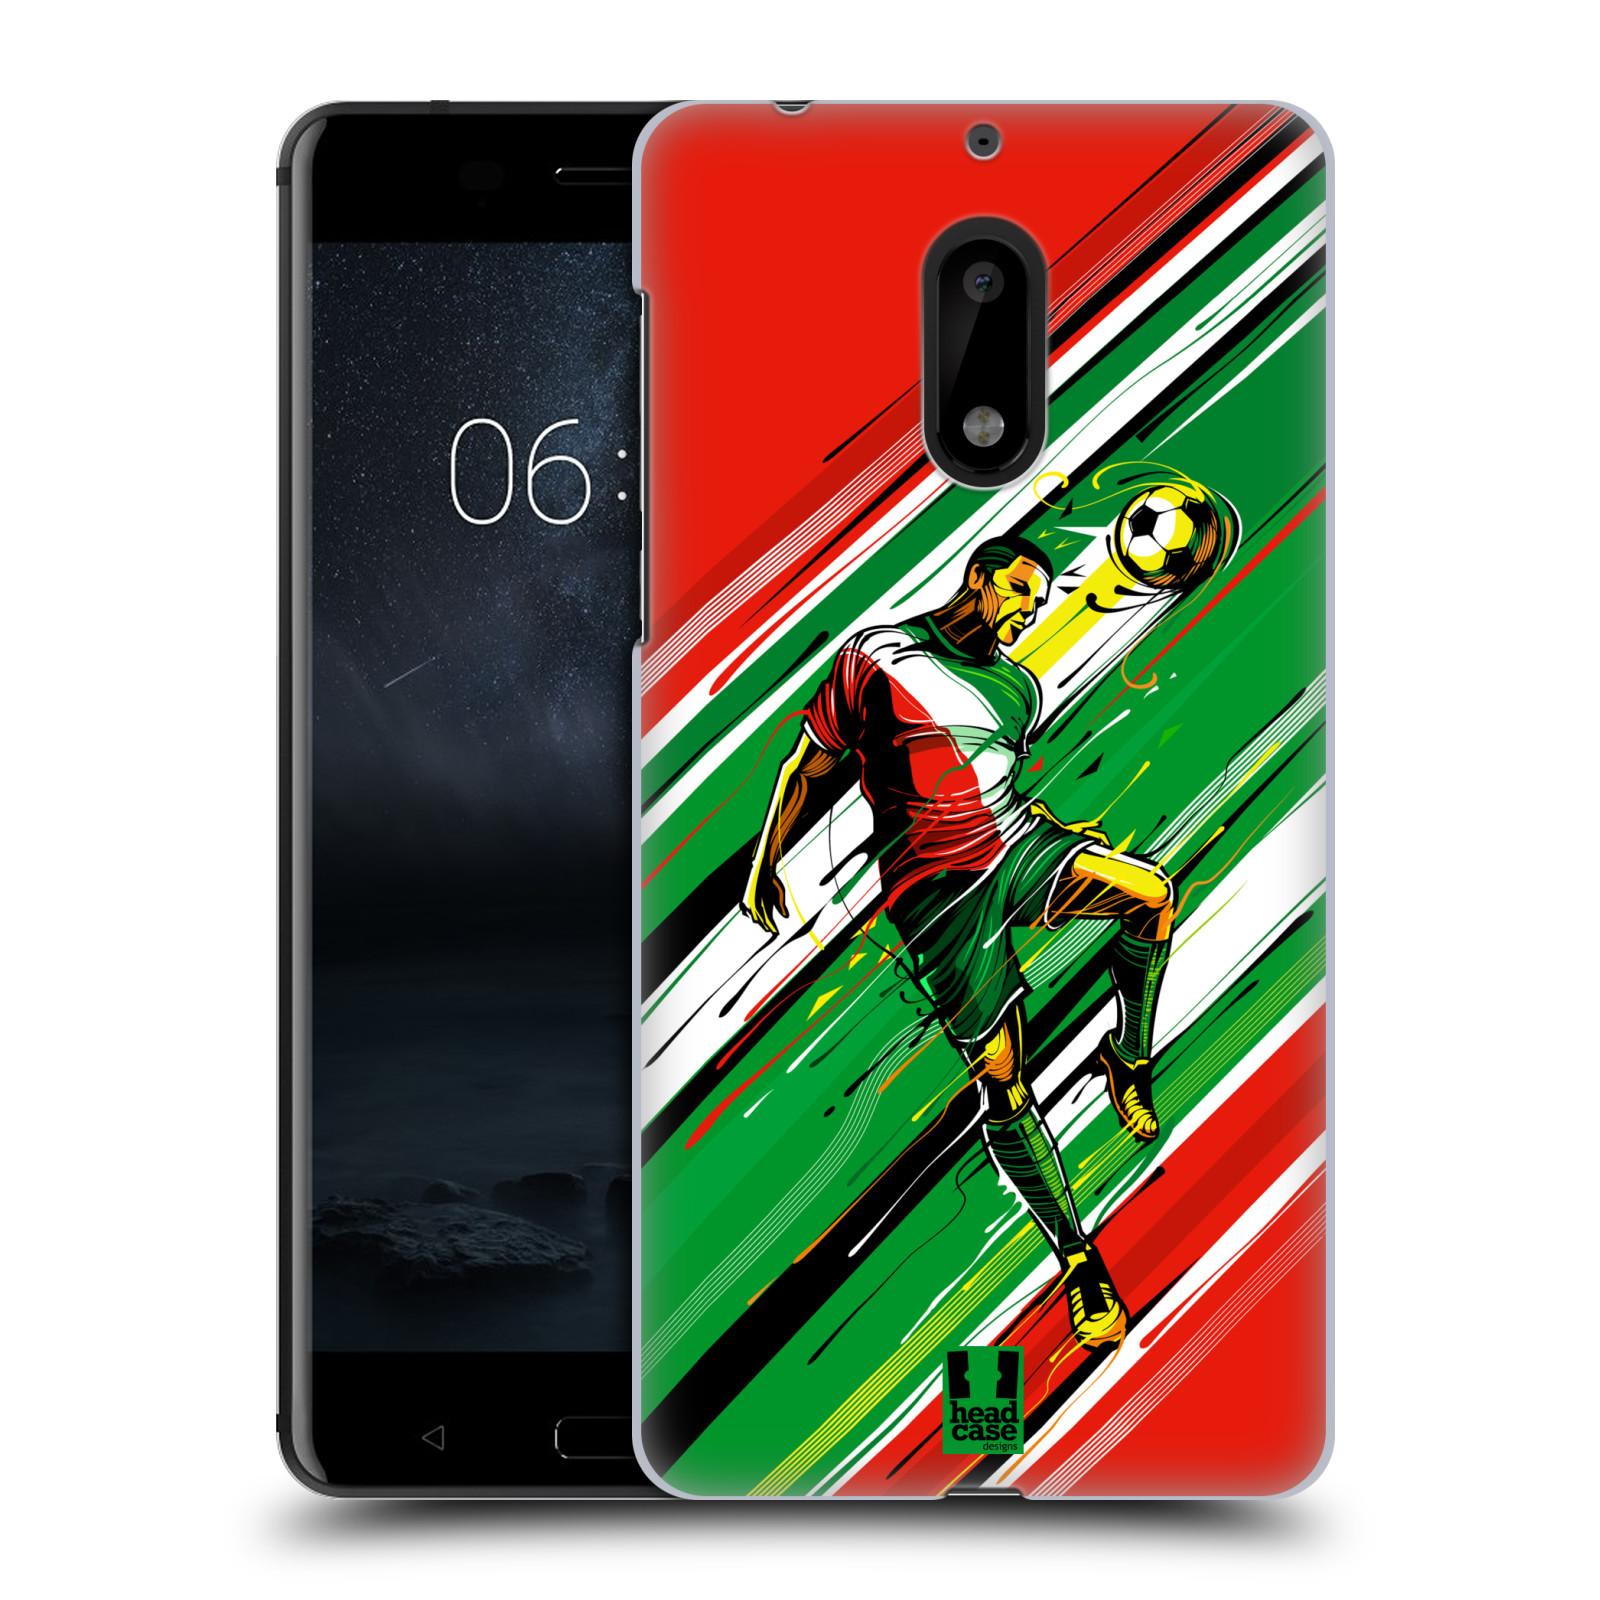 Plastové pouzdro na mobil Nokia 6 - Head Case HLAVIČKA (Plastový kryt či obal na mobilní telefon Nokia 6 (Dual SIM))